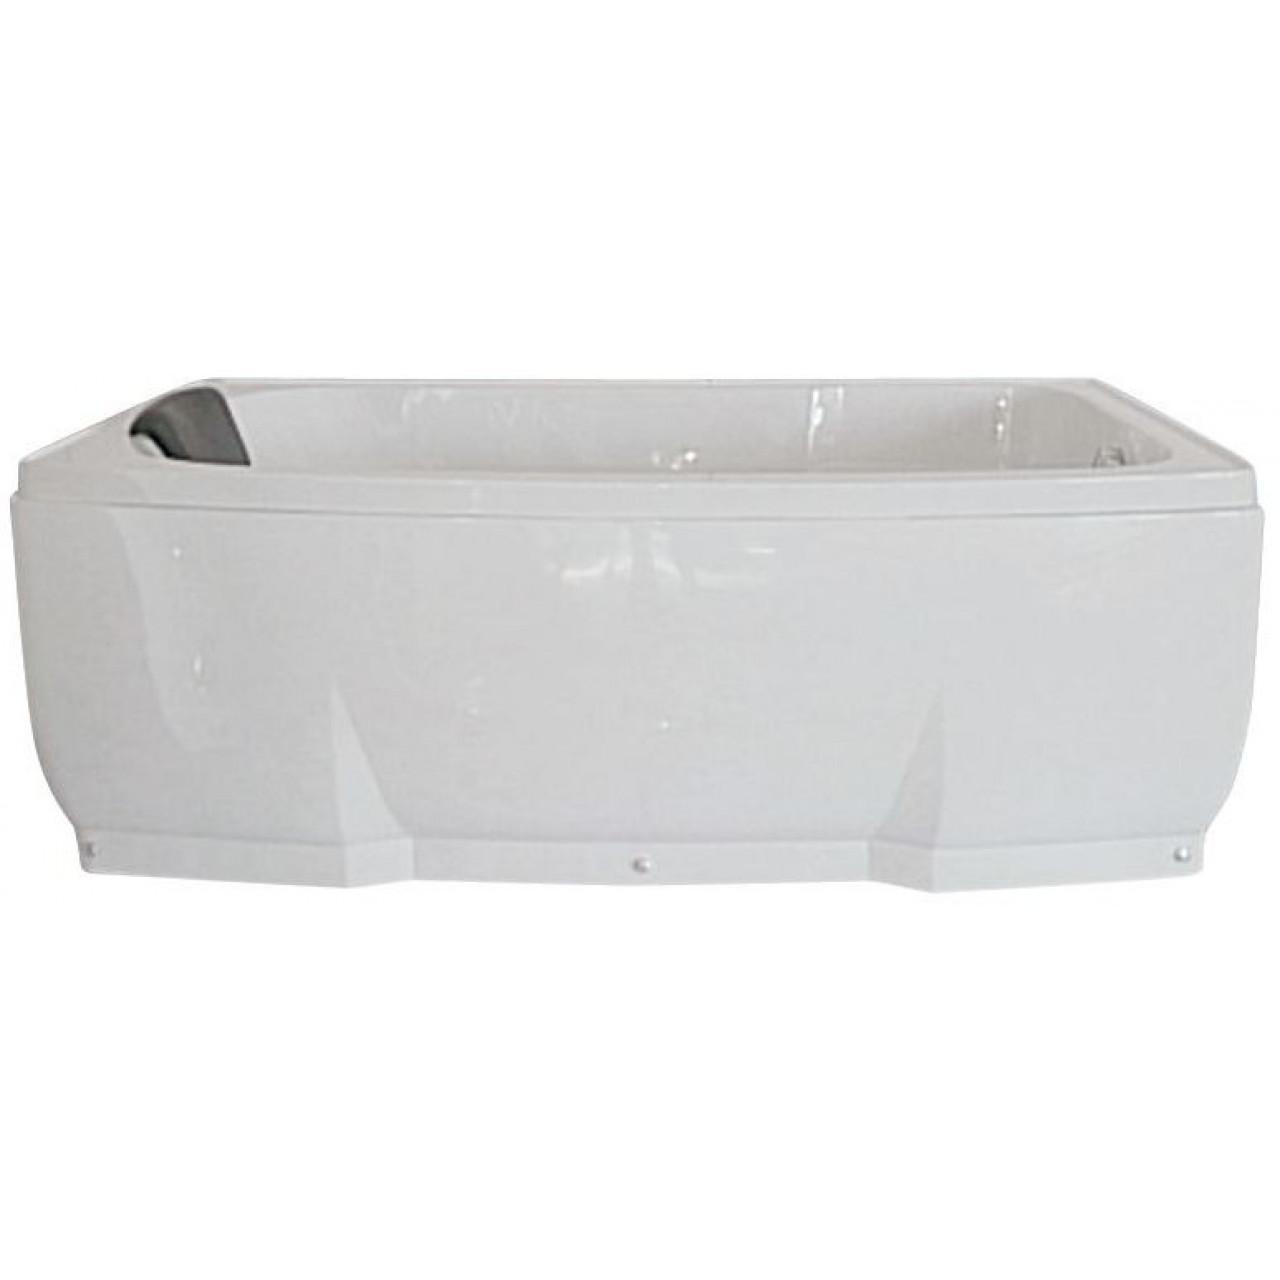 Акриловая ванна River 150/80/50 купить в Москве по цене от 10300р. в интернет-магазине mebel-v-vannu.ru